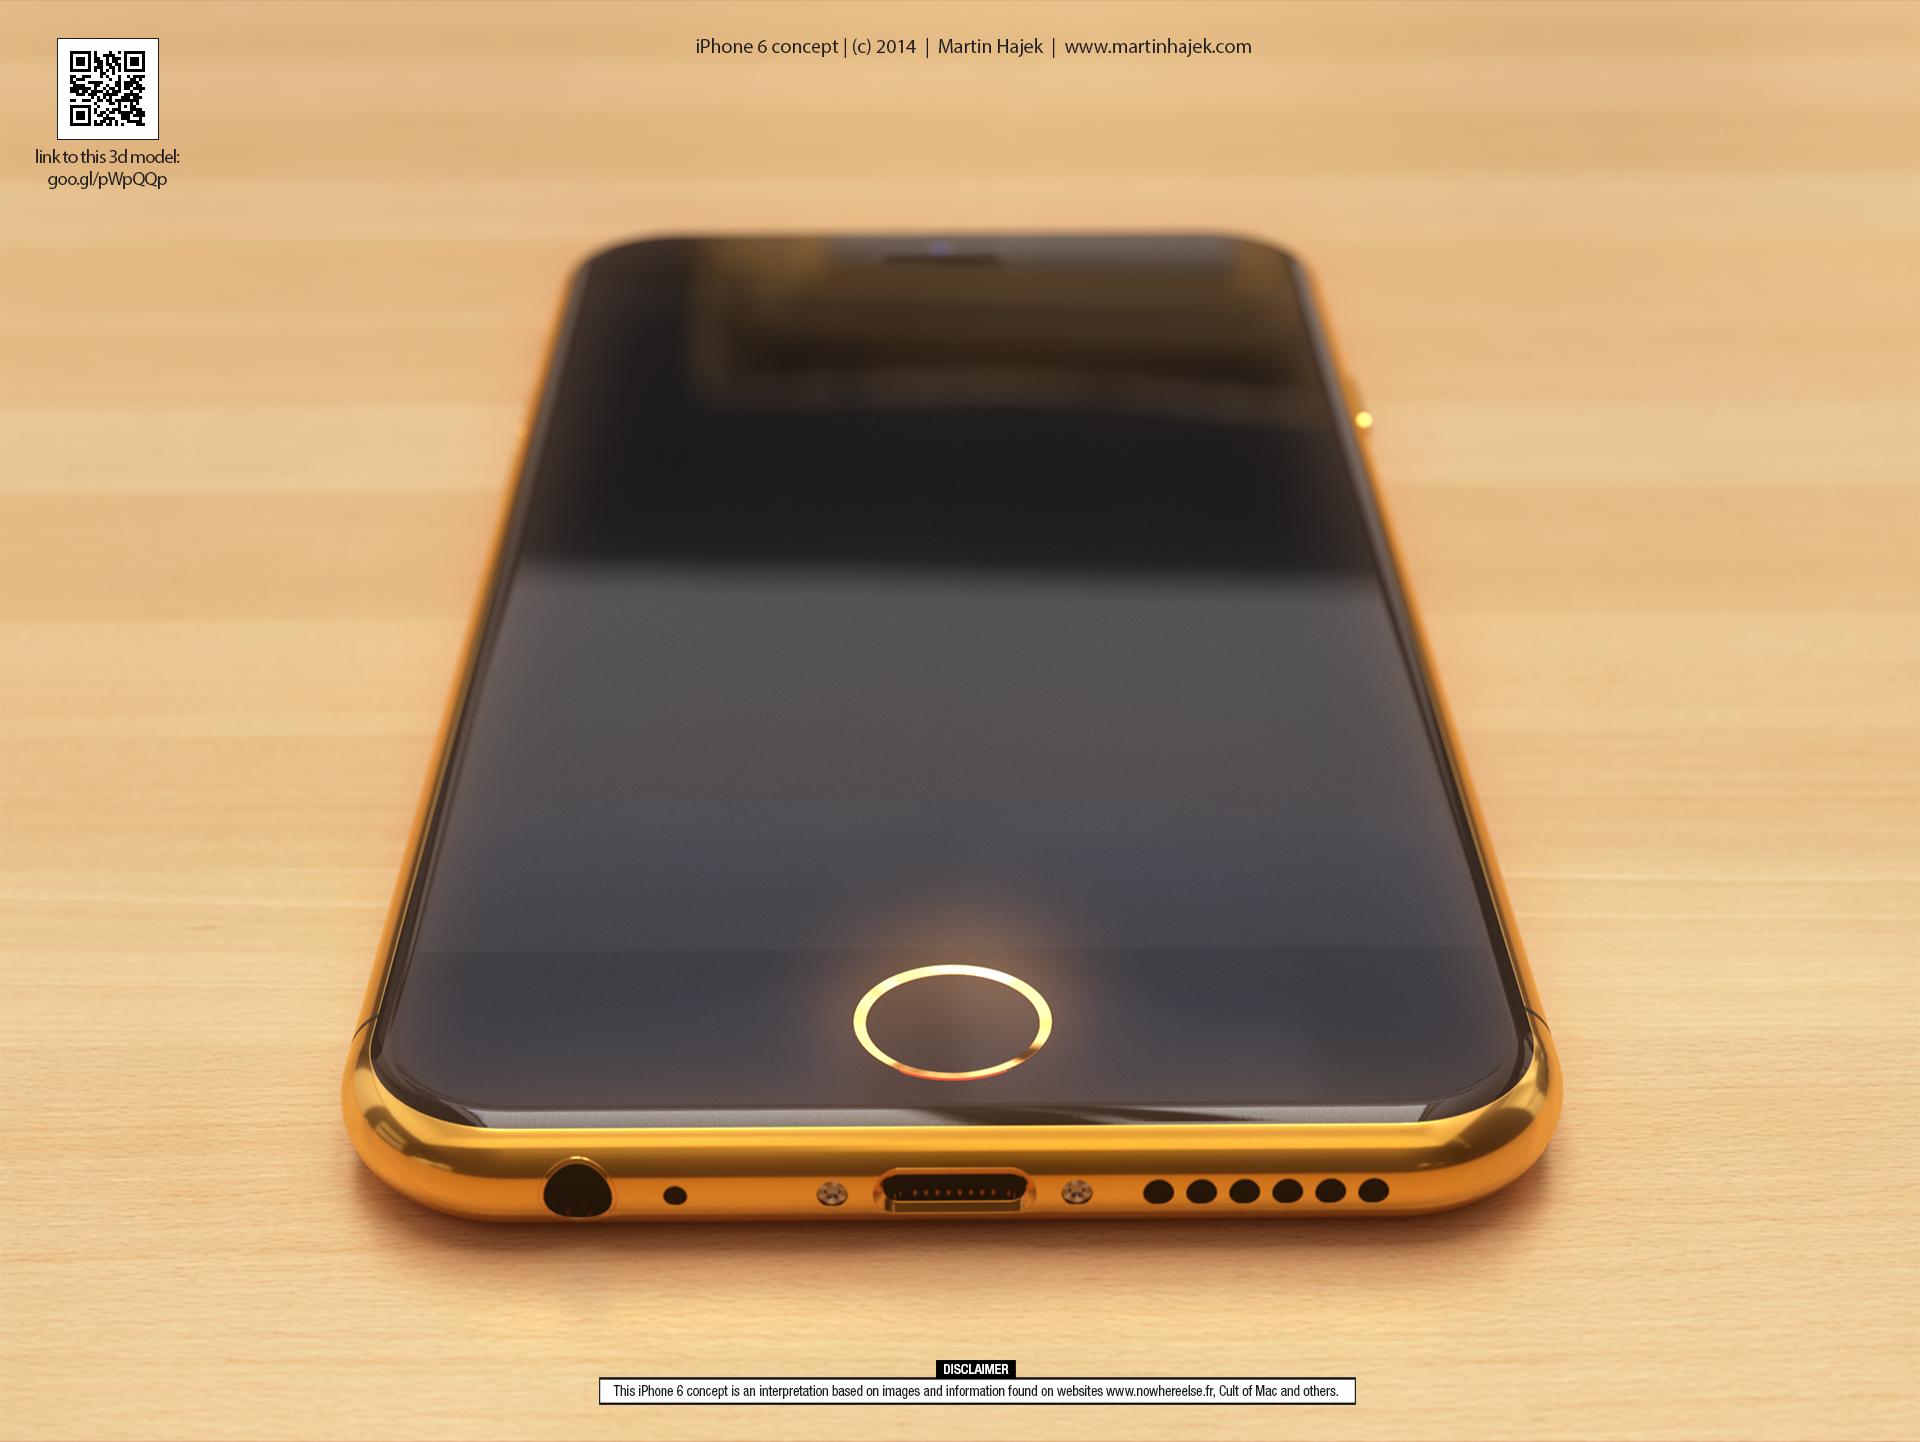 بالصور : الايفون 6 في حلة ذهبية